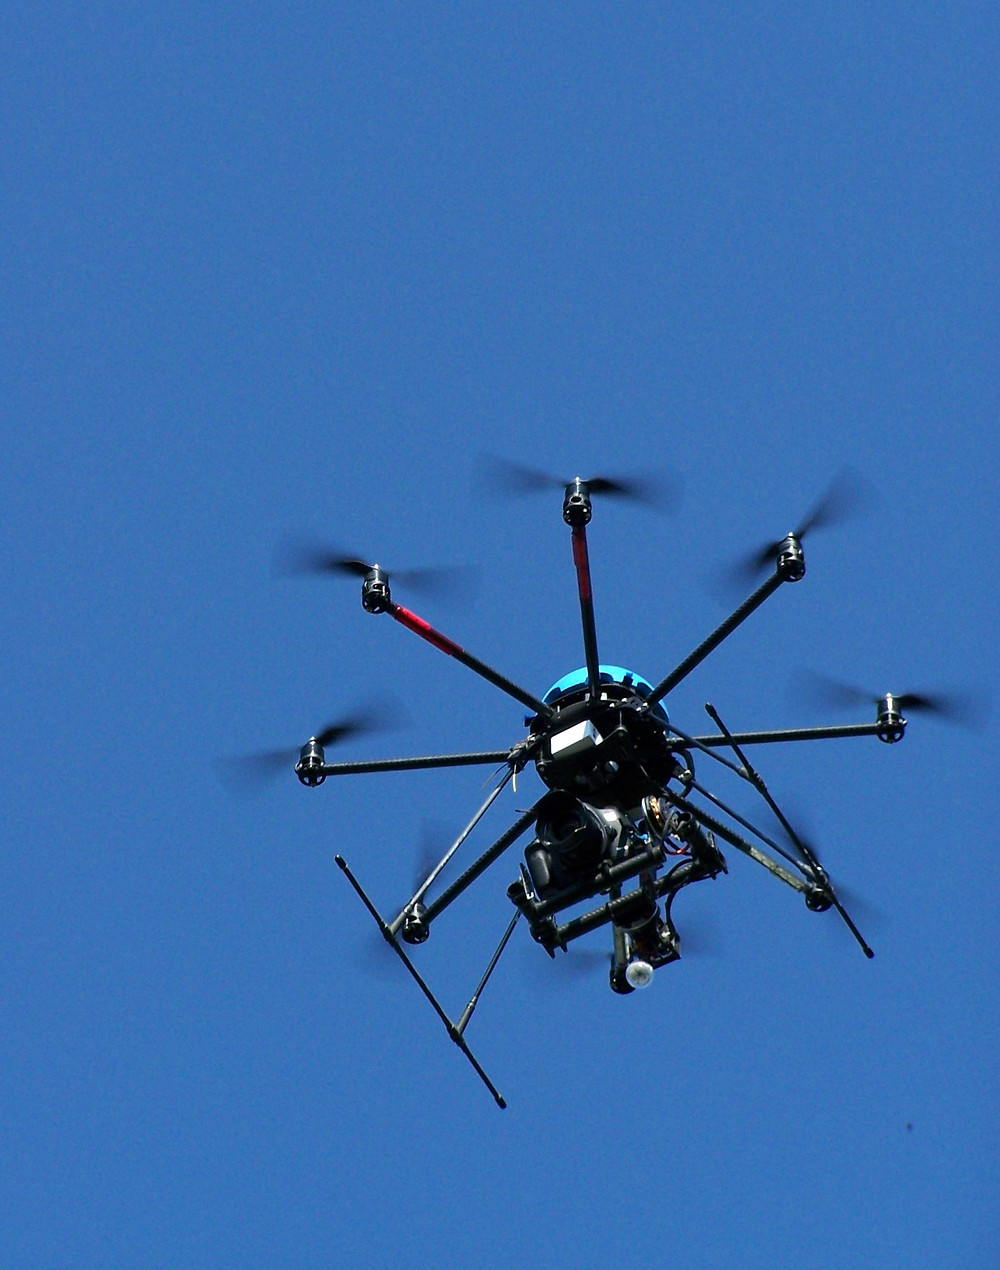 Kamera-Kopter für Luftbildaufnahmen